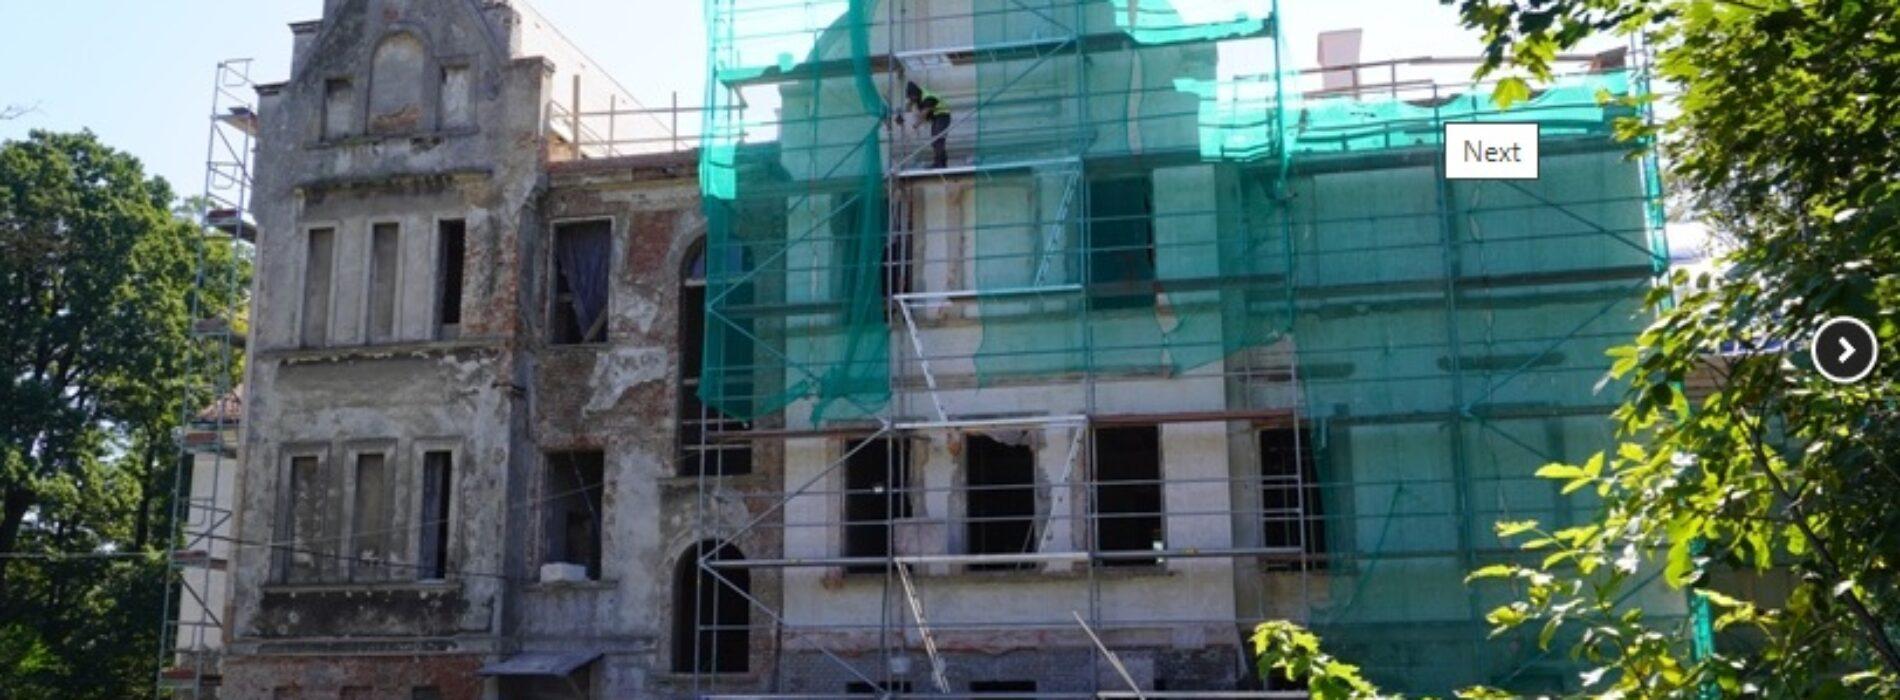 Zabytkowy pałac w Baranowicach zmienia swoje oblicze